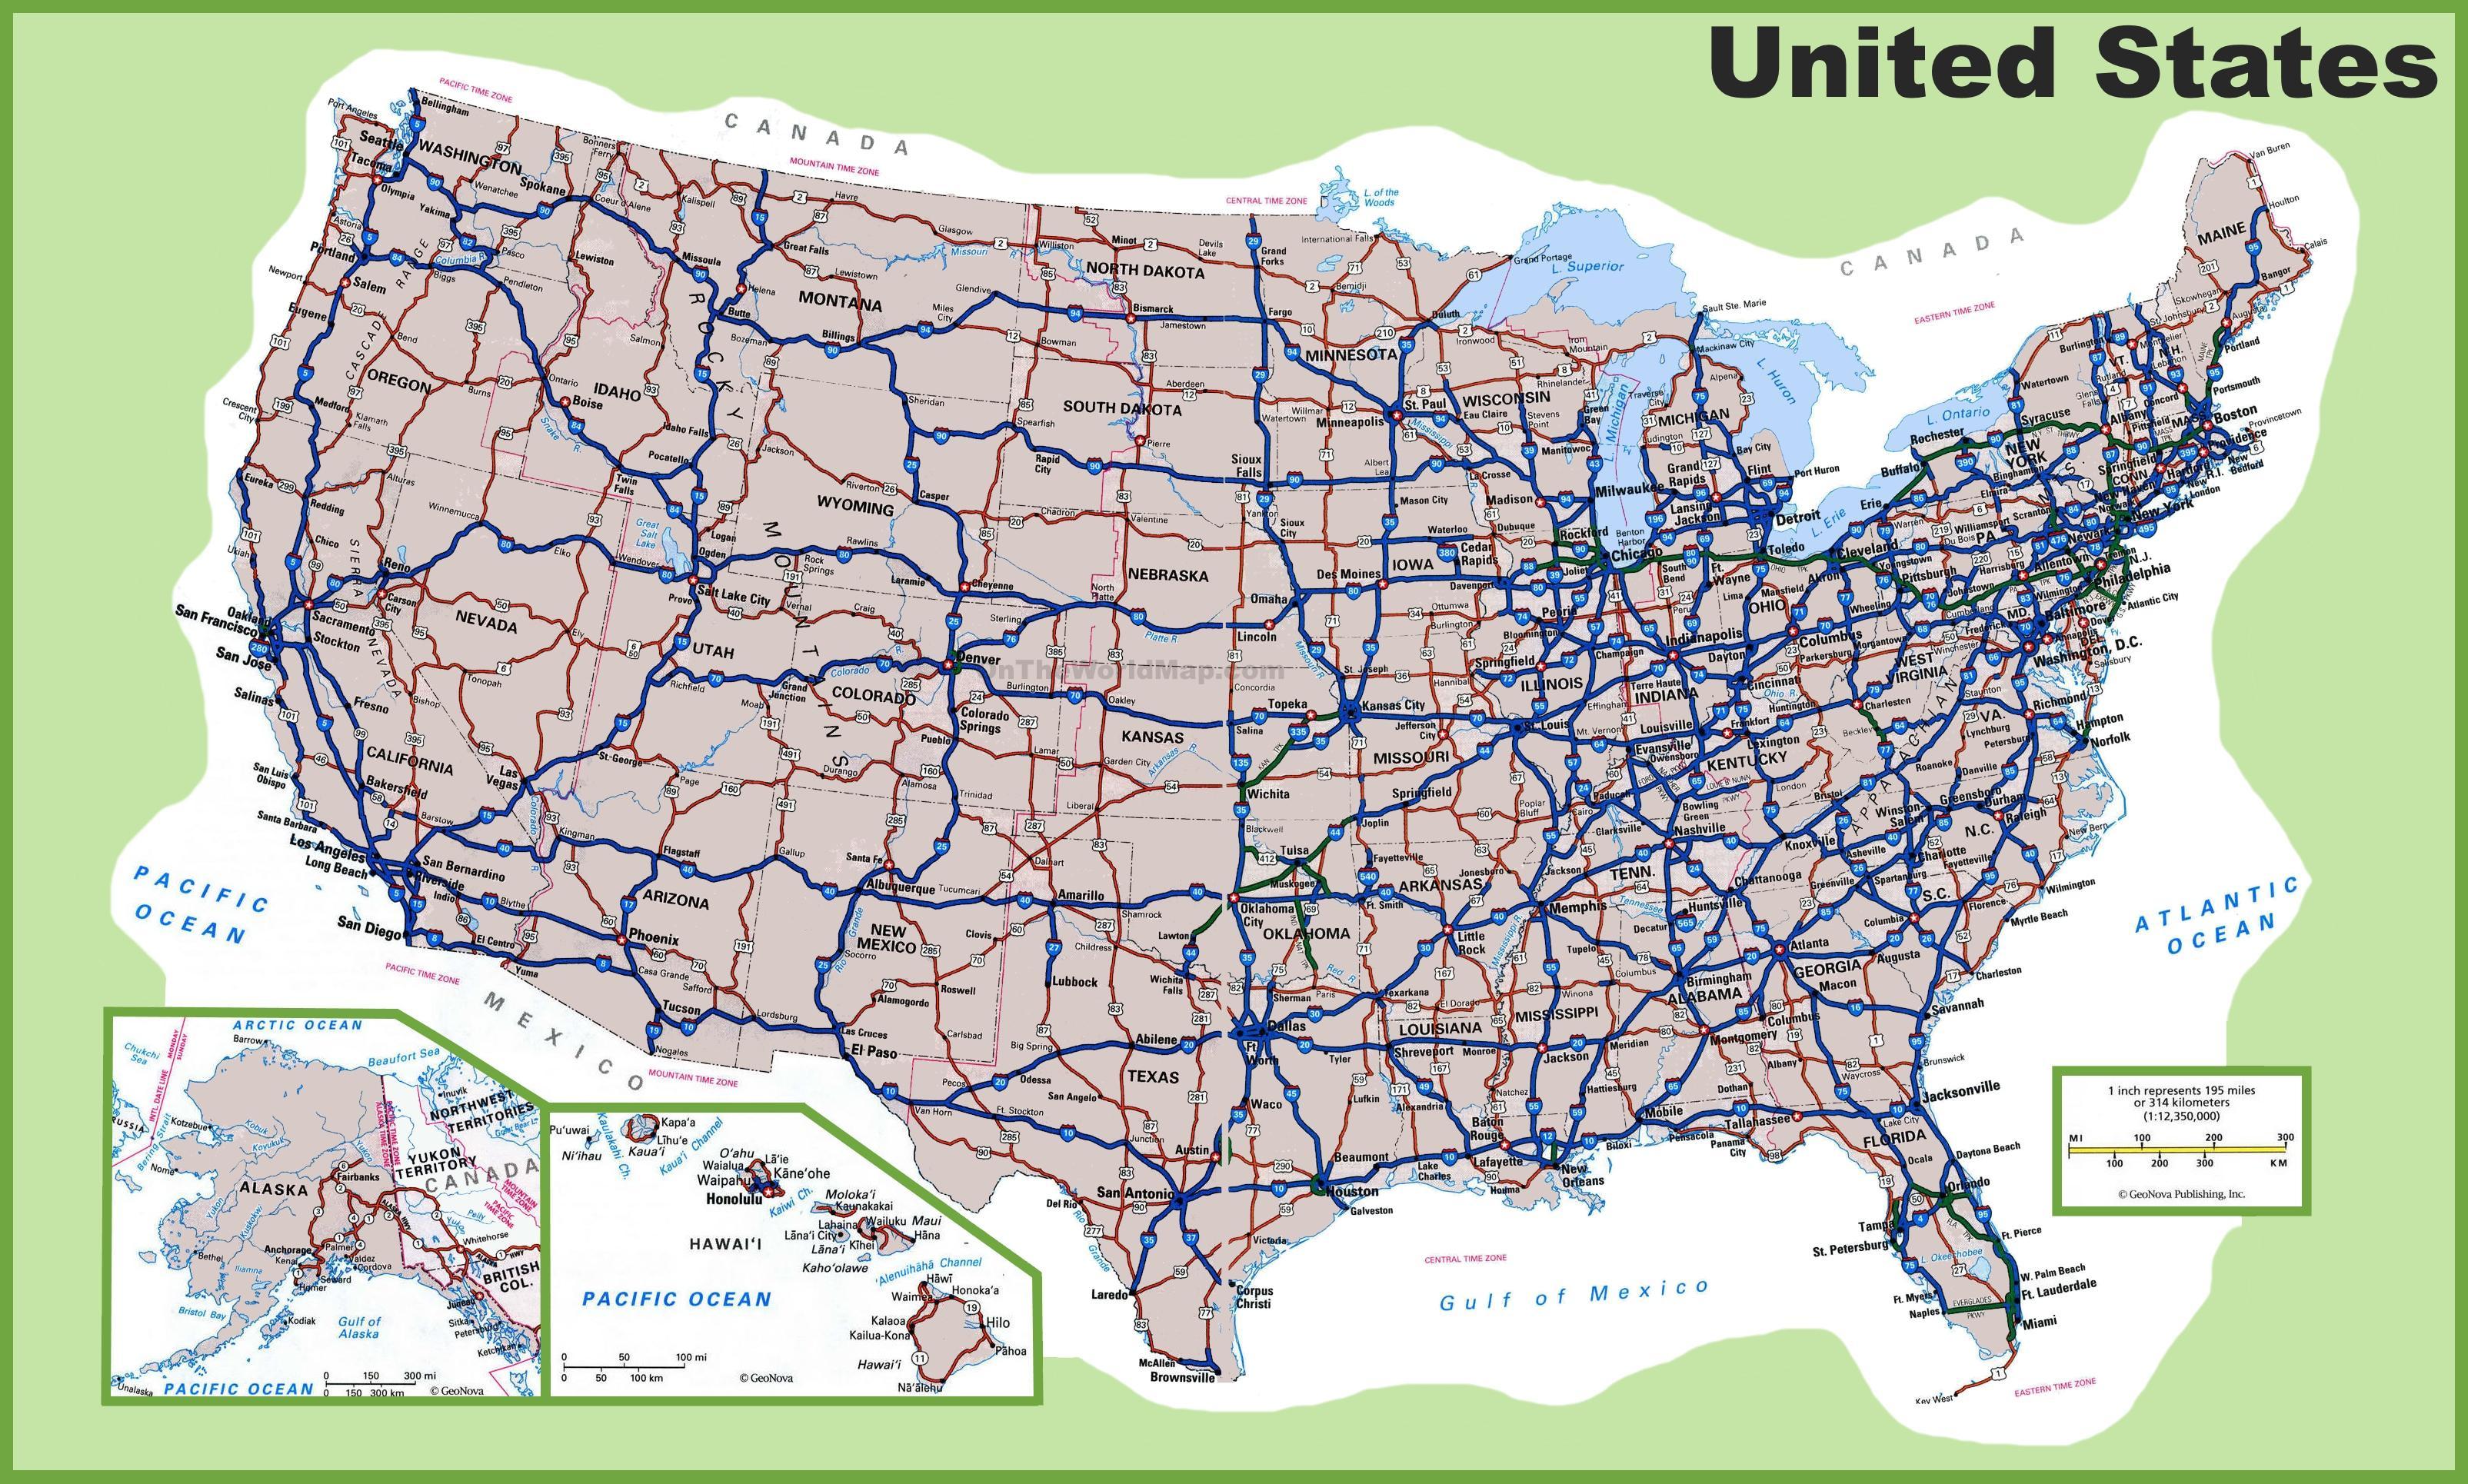 Mapa De Carreteras De Estados Unidos Mapa De Carreteras De Los